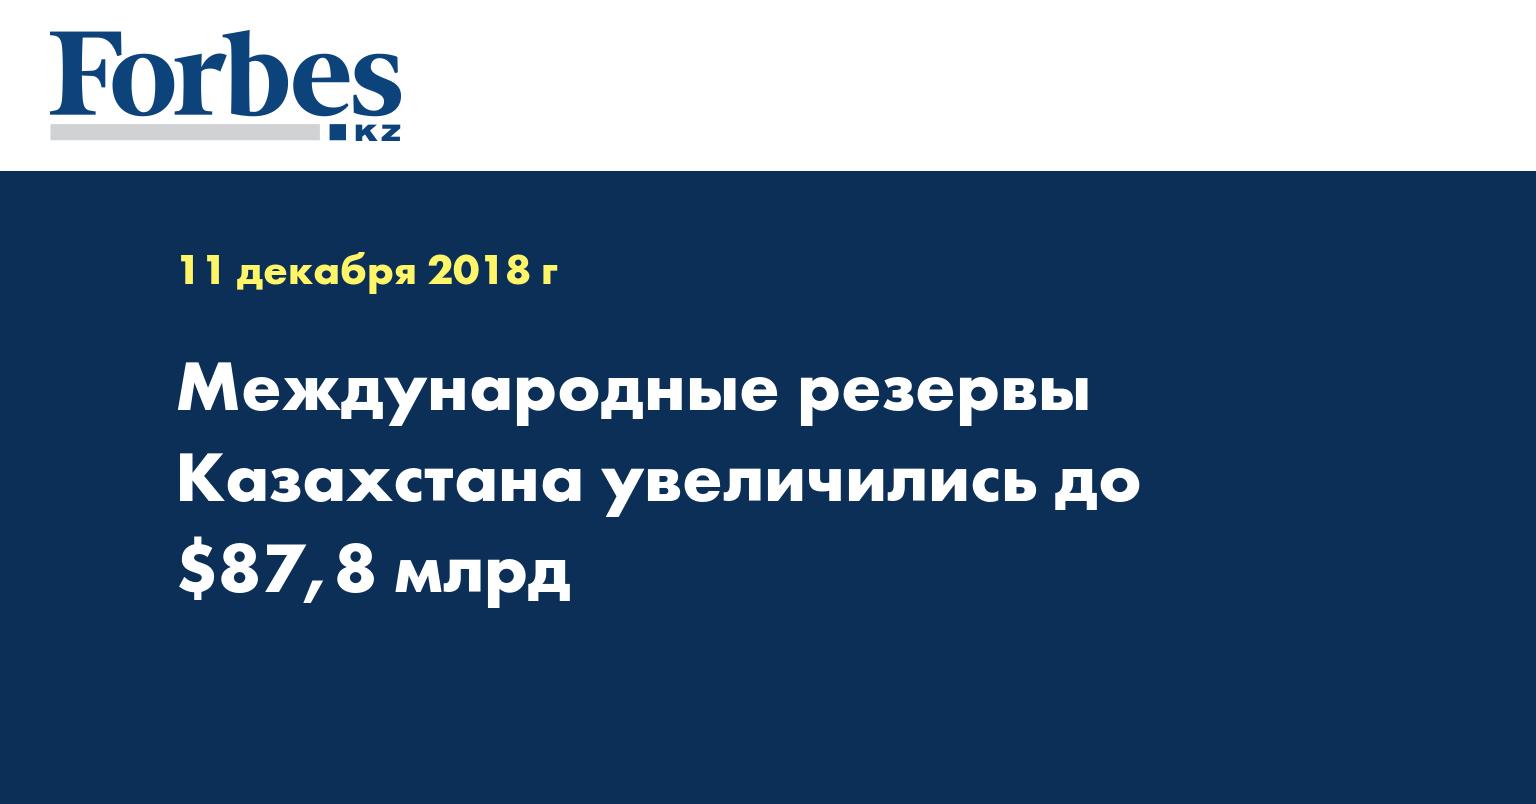 Международные резервы Казахстана увеличились до $87,8 млрд